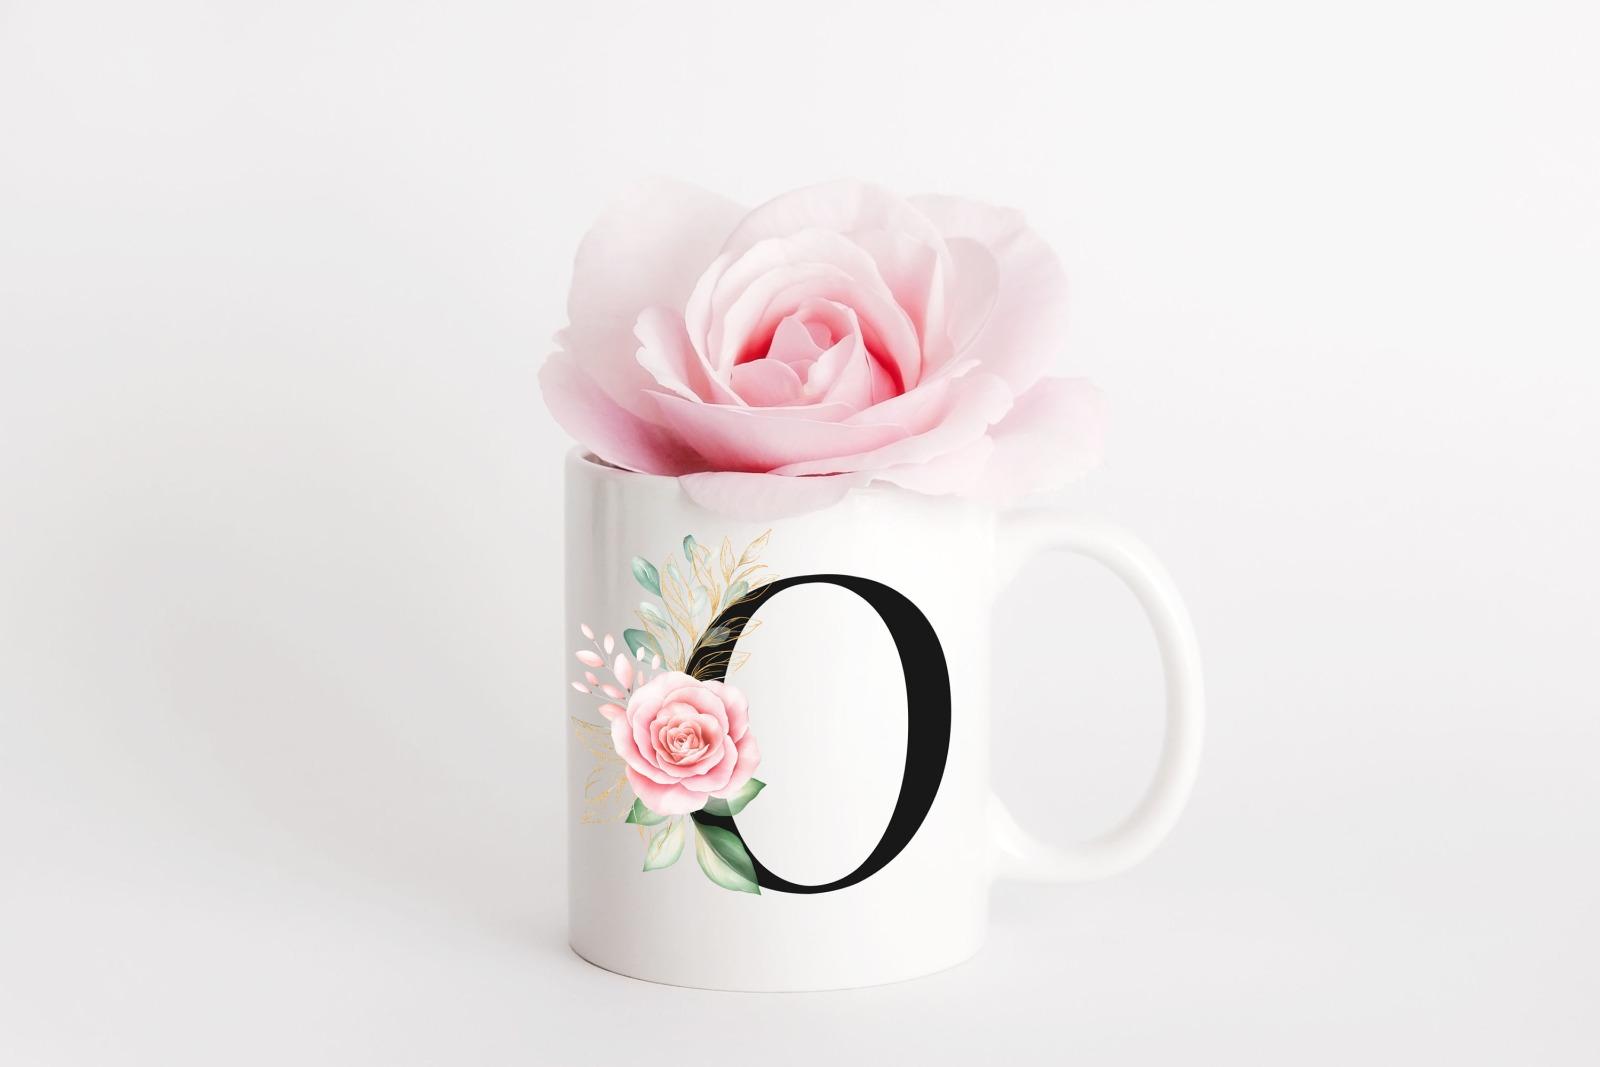 Buchstabentasse Kaffee-Tasse mit Pink-Flower Buchstabe 6